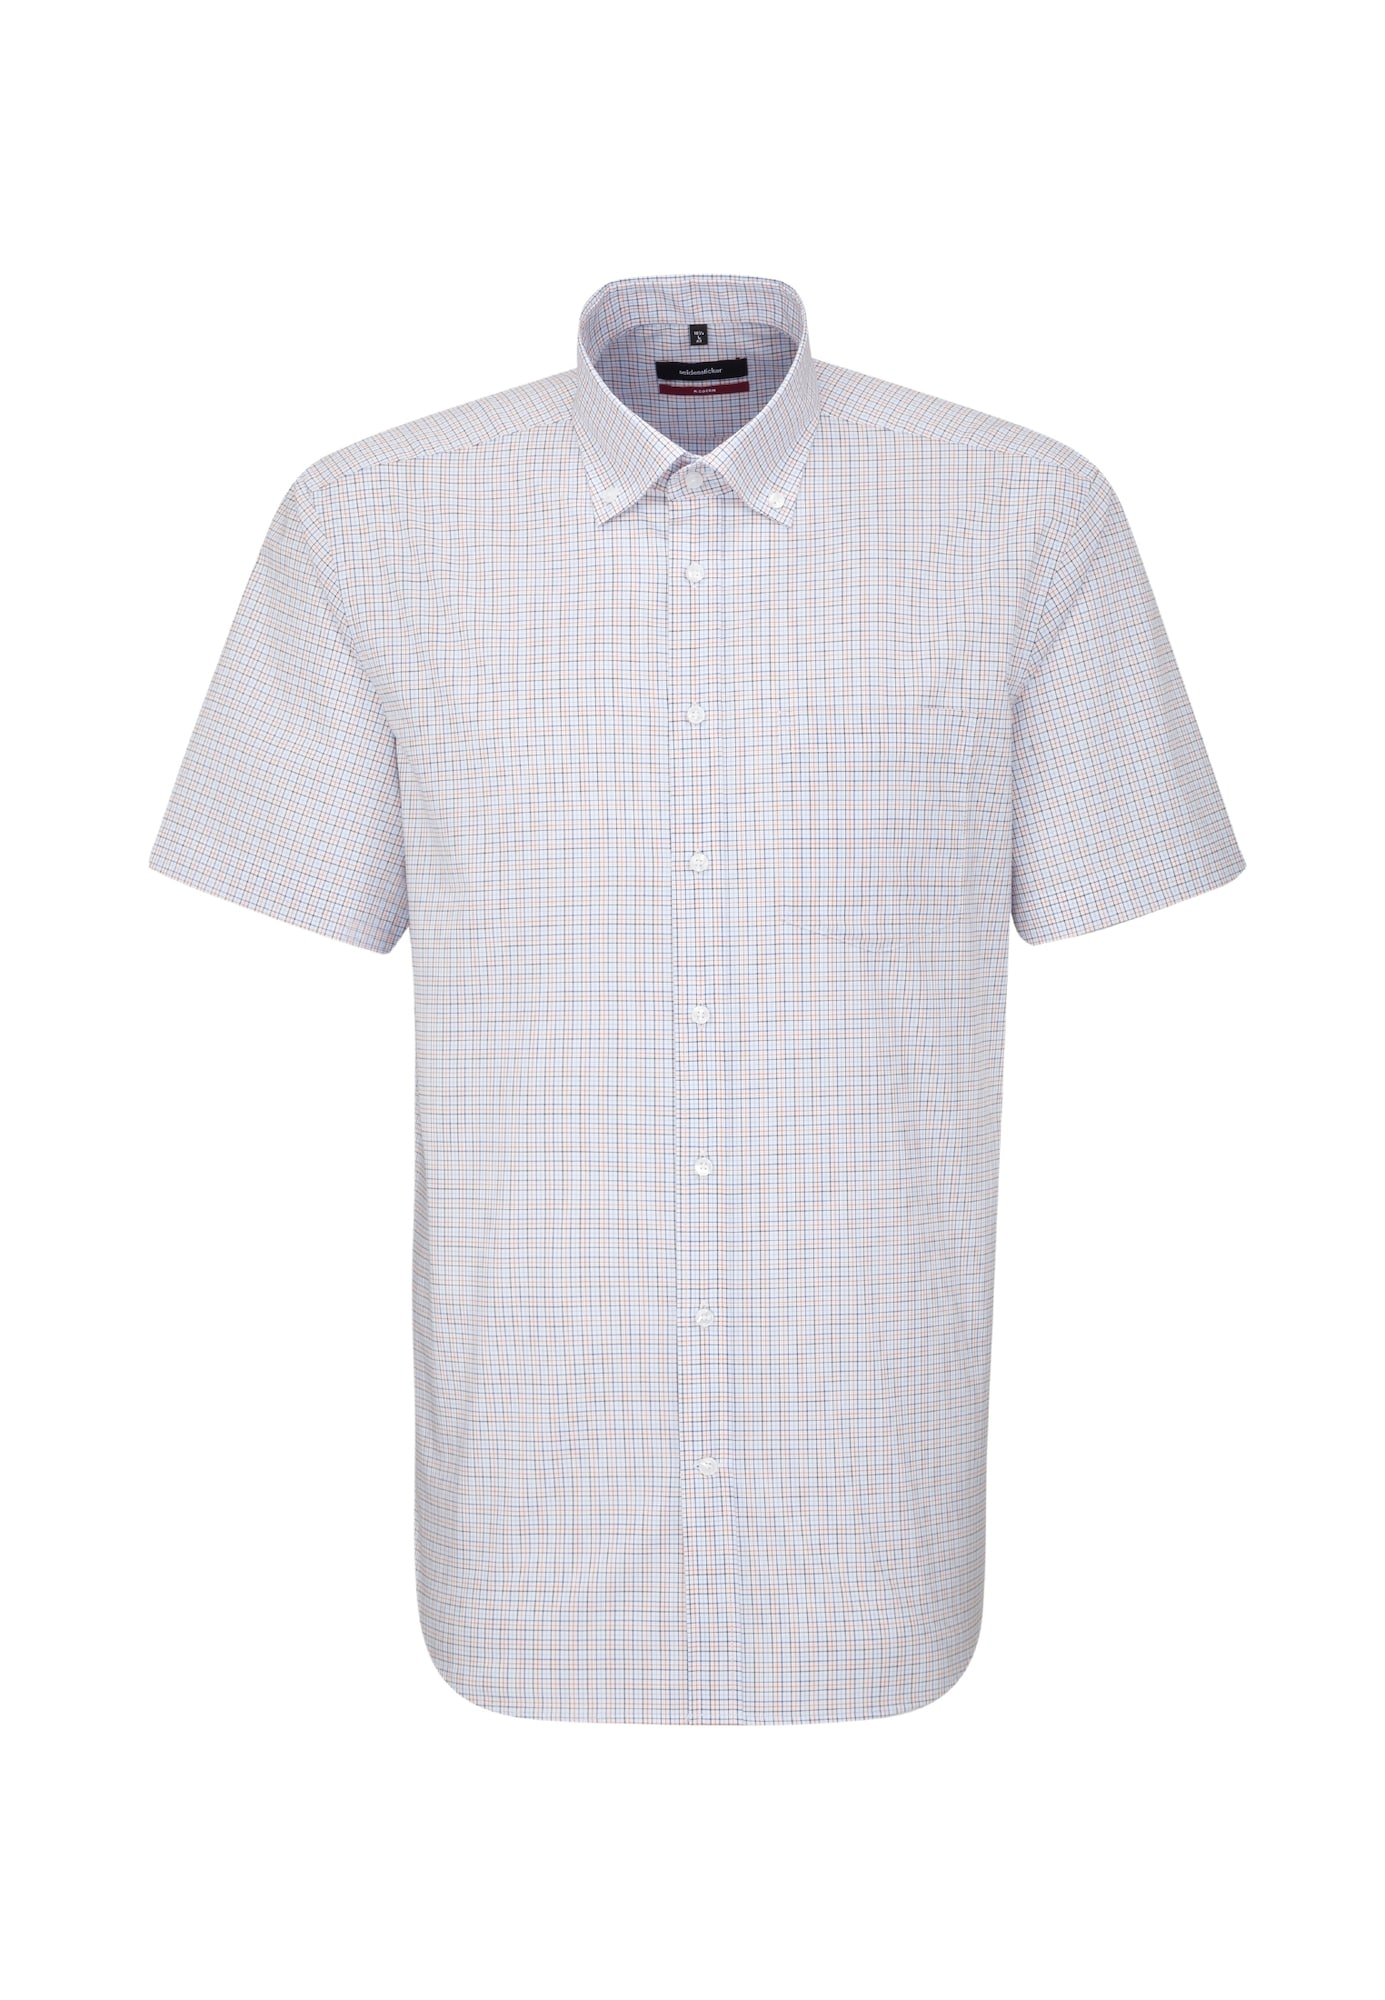 Herren SEIDENSTICKER Hemd 'Modern' blau,  orange,  weiß, schwarz   04048869721083